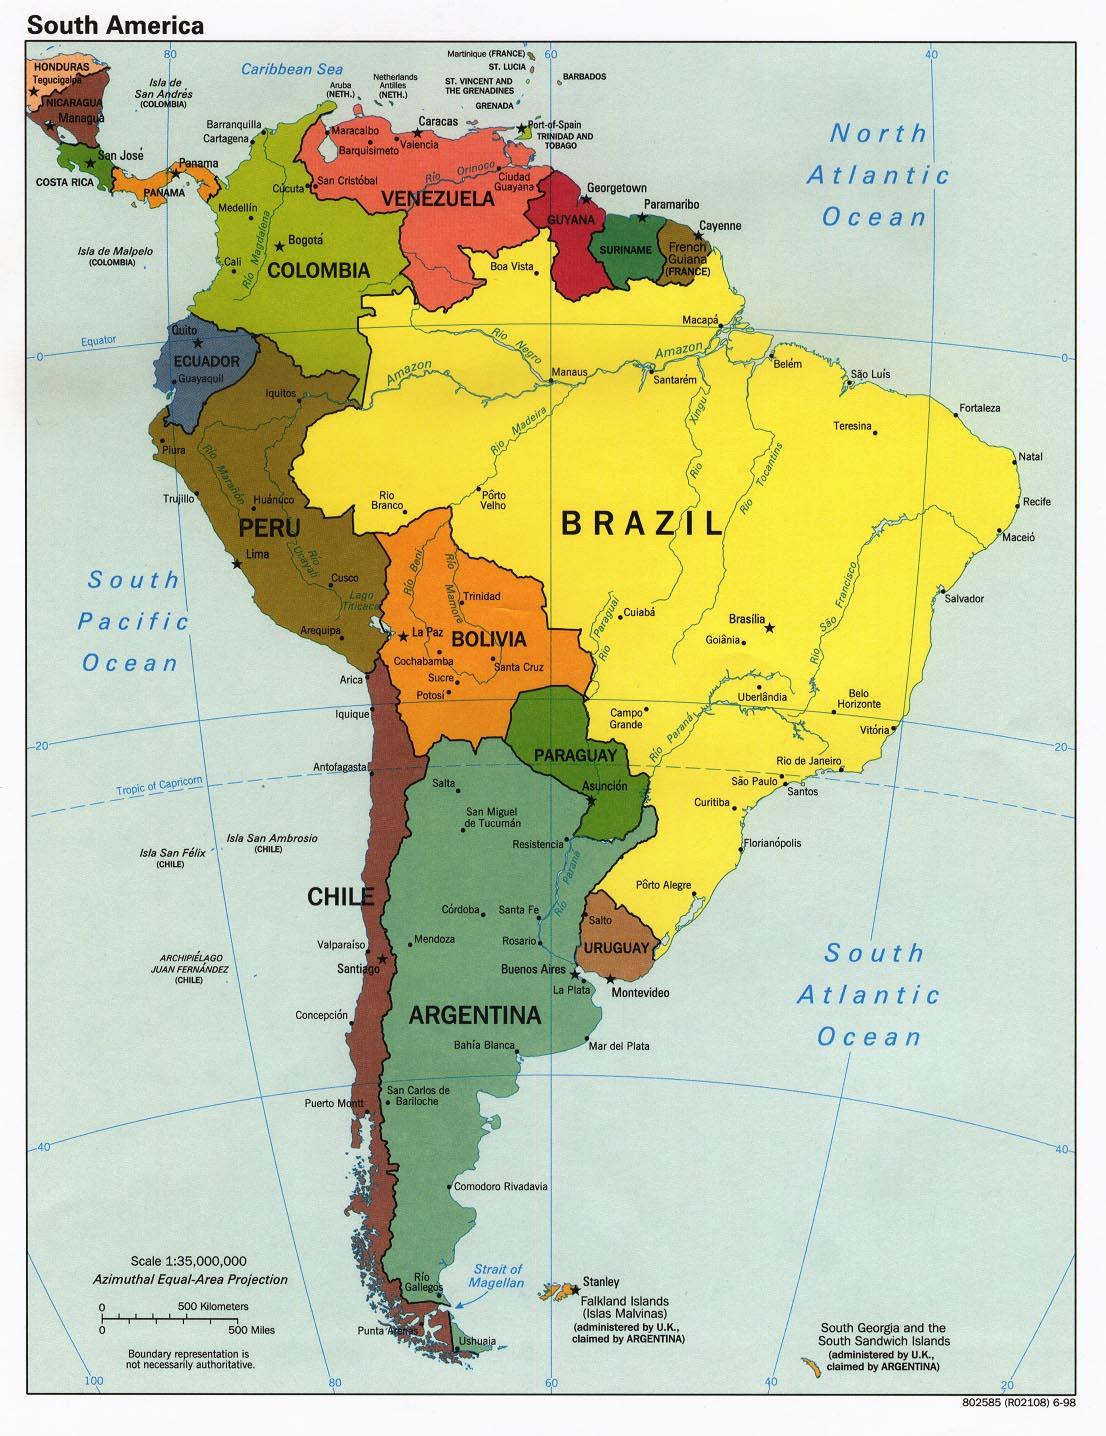 Carte administrative de l'Amérique du Sud